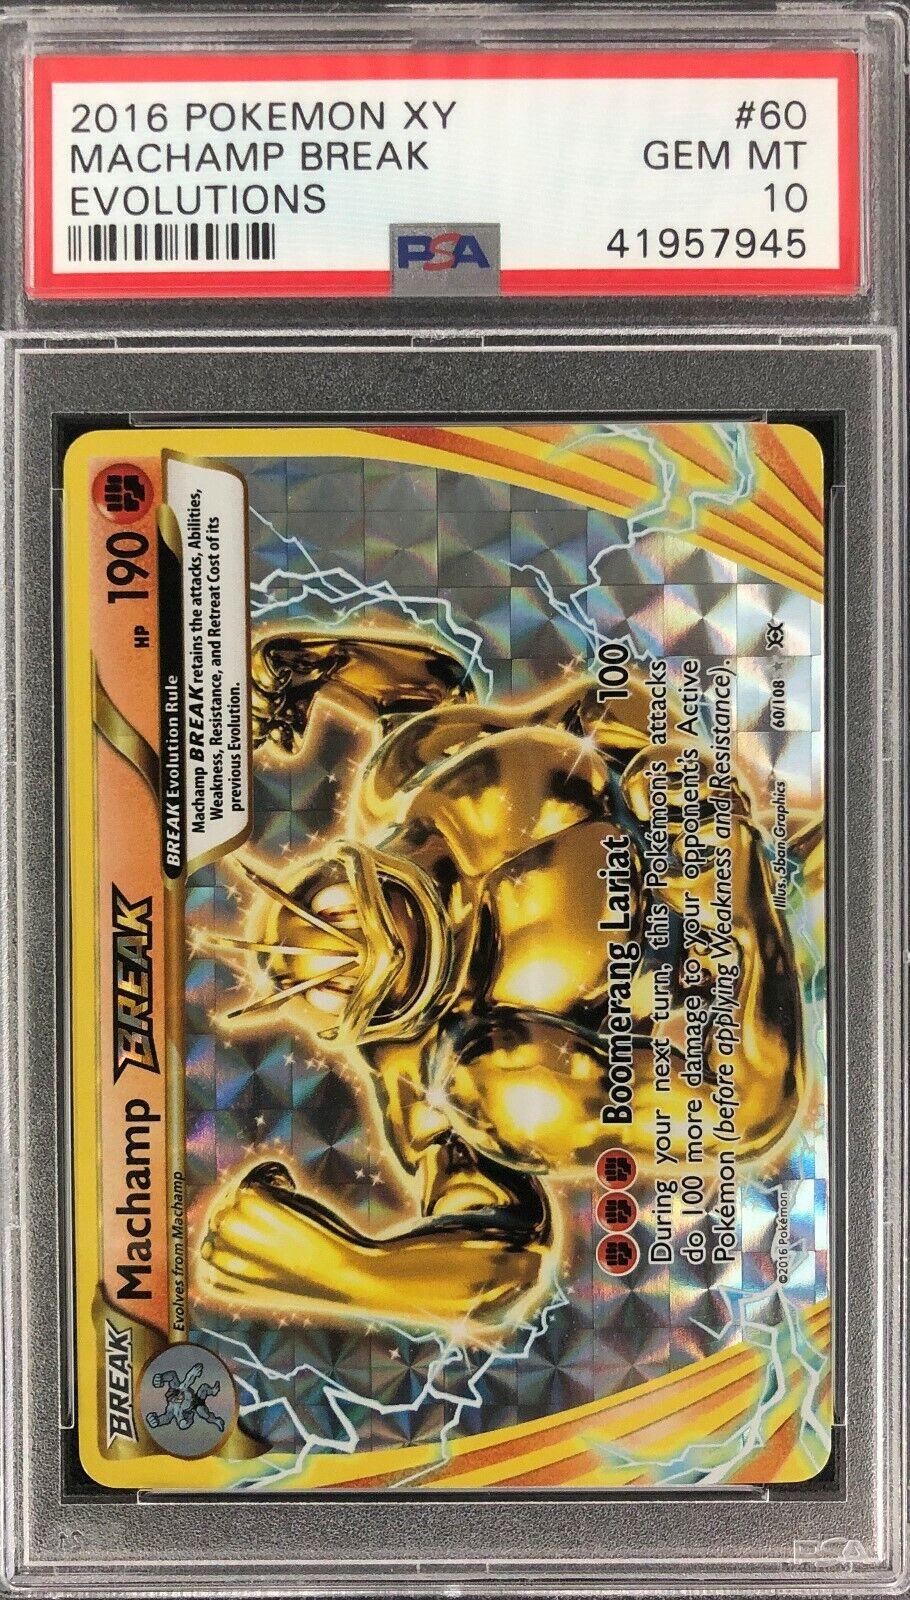 Machamp Break Evolutions Holo Shiny Pokemon Card Mint PSA 10